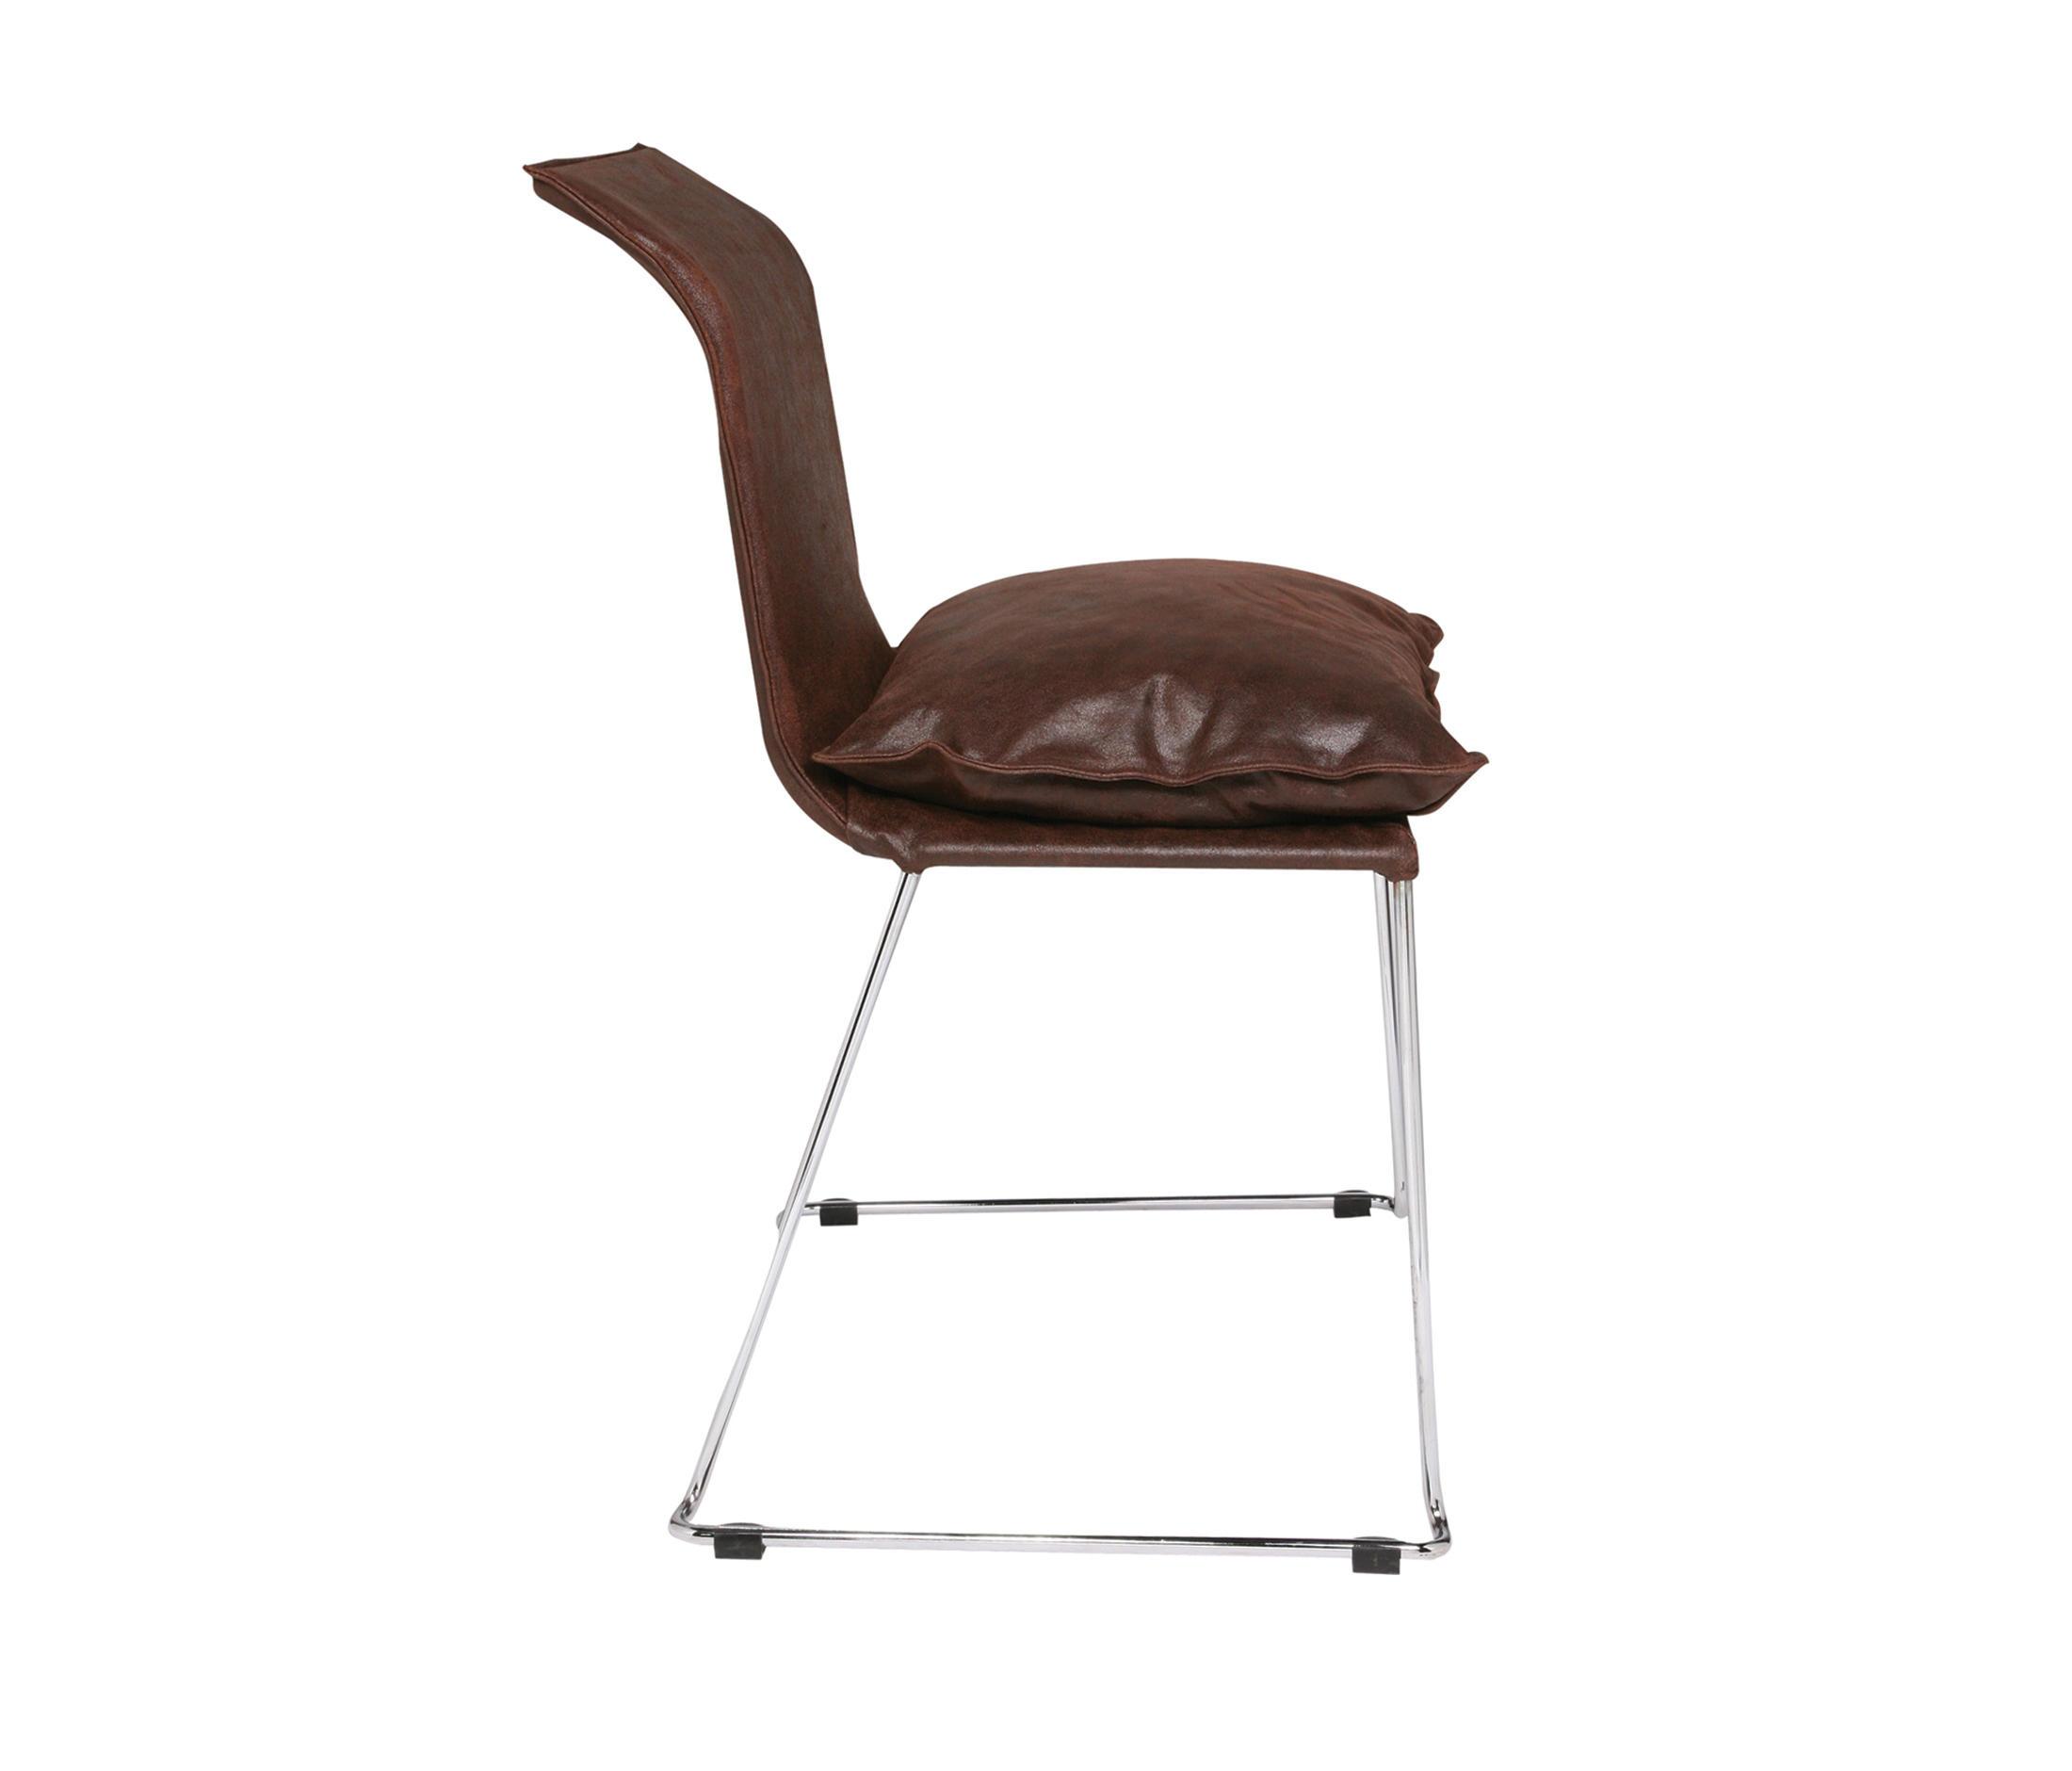 Mexico Stühle KffArchitonic Von Von Mexico Stuhl Stühle Mexico Stuhl KffArchitonic Stuhl Stühle 1TKlJFc